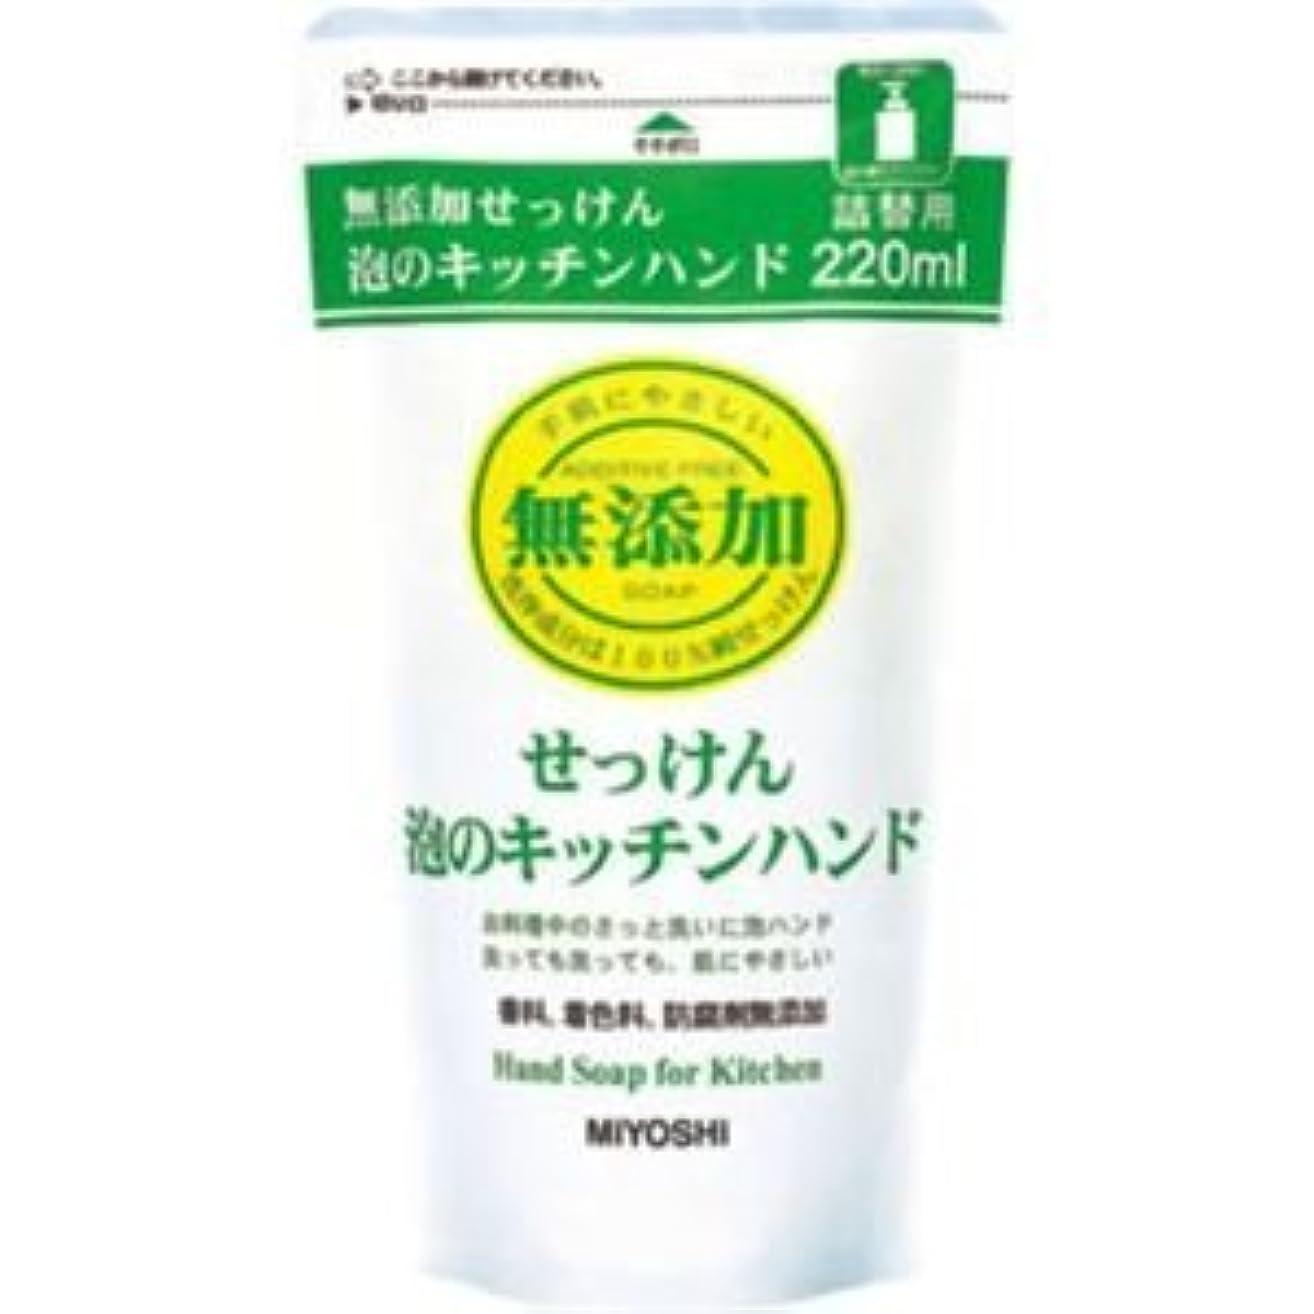 アブセイキモい麺ミヨシ 無添加 キッチンハンドソープ つめかえ用 220ml(無添加石鹸) 14セット